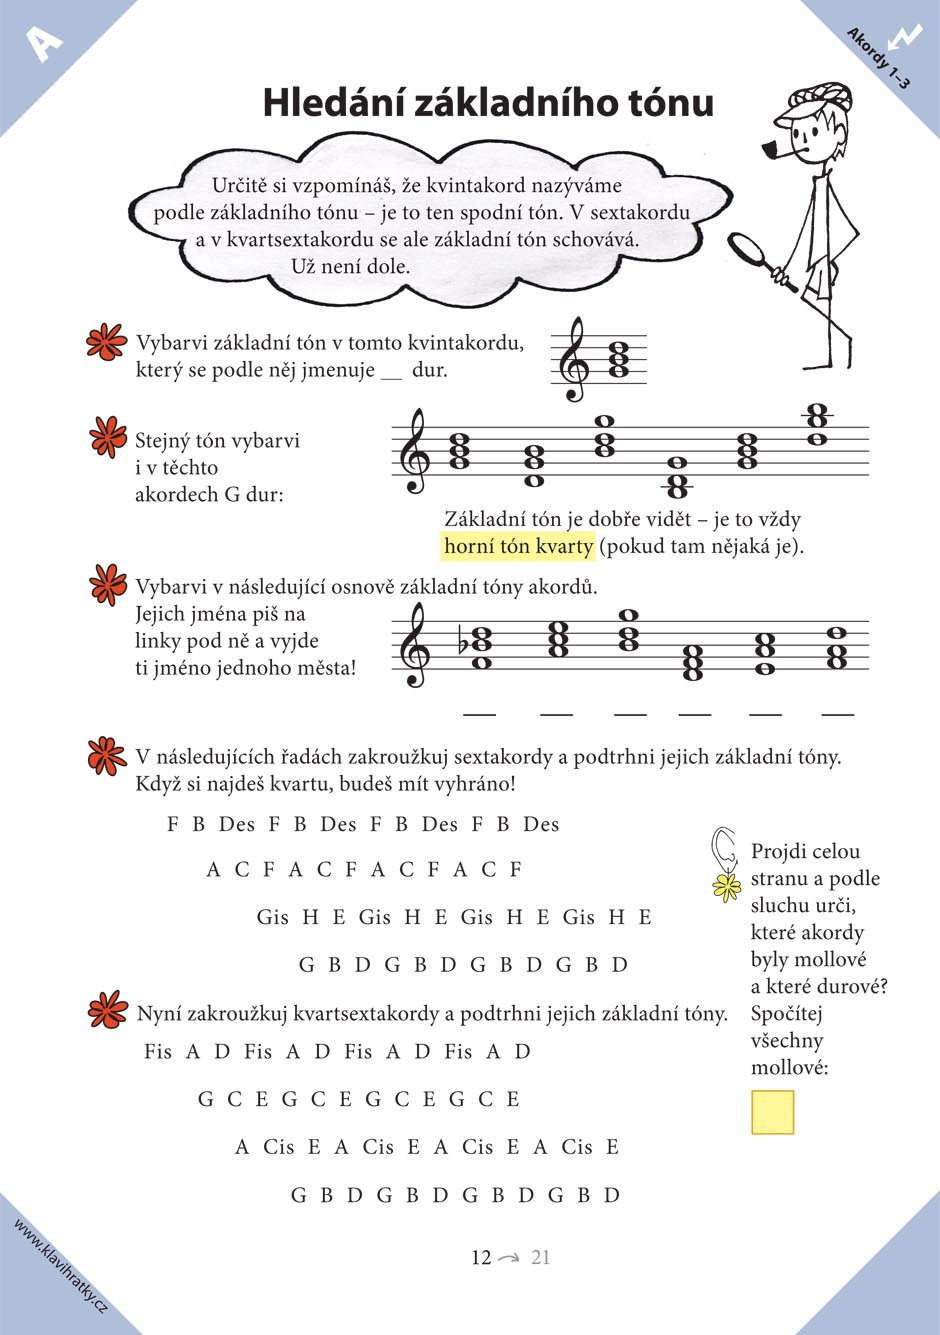 PUBLIKACE Klavihrátky - cestování s klavírem - Oplištilová Iva, Hančilová Zuzana